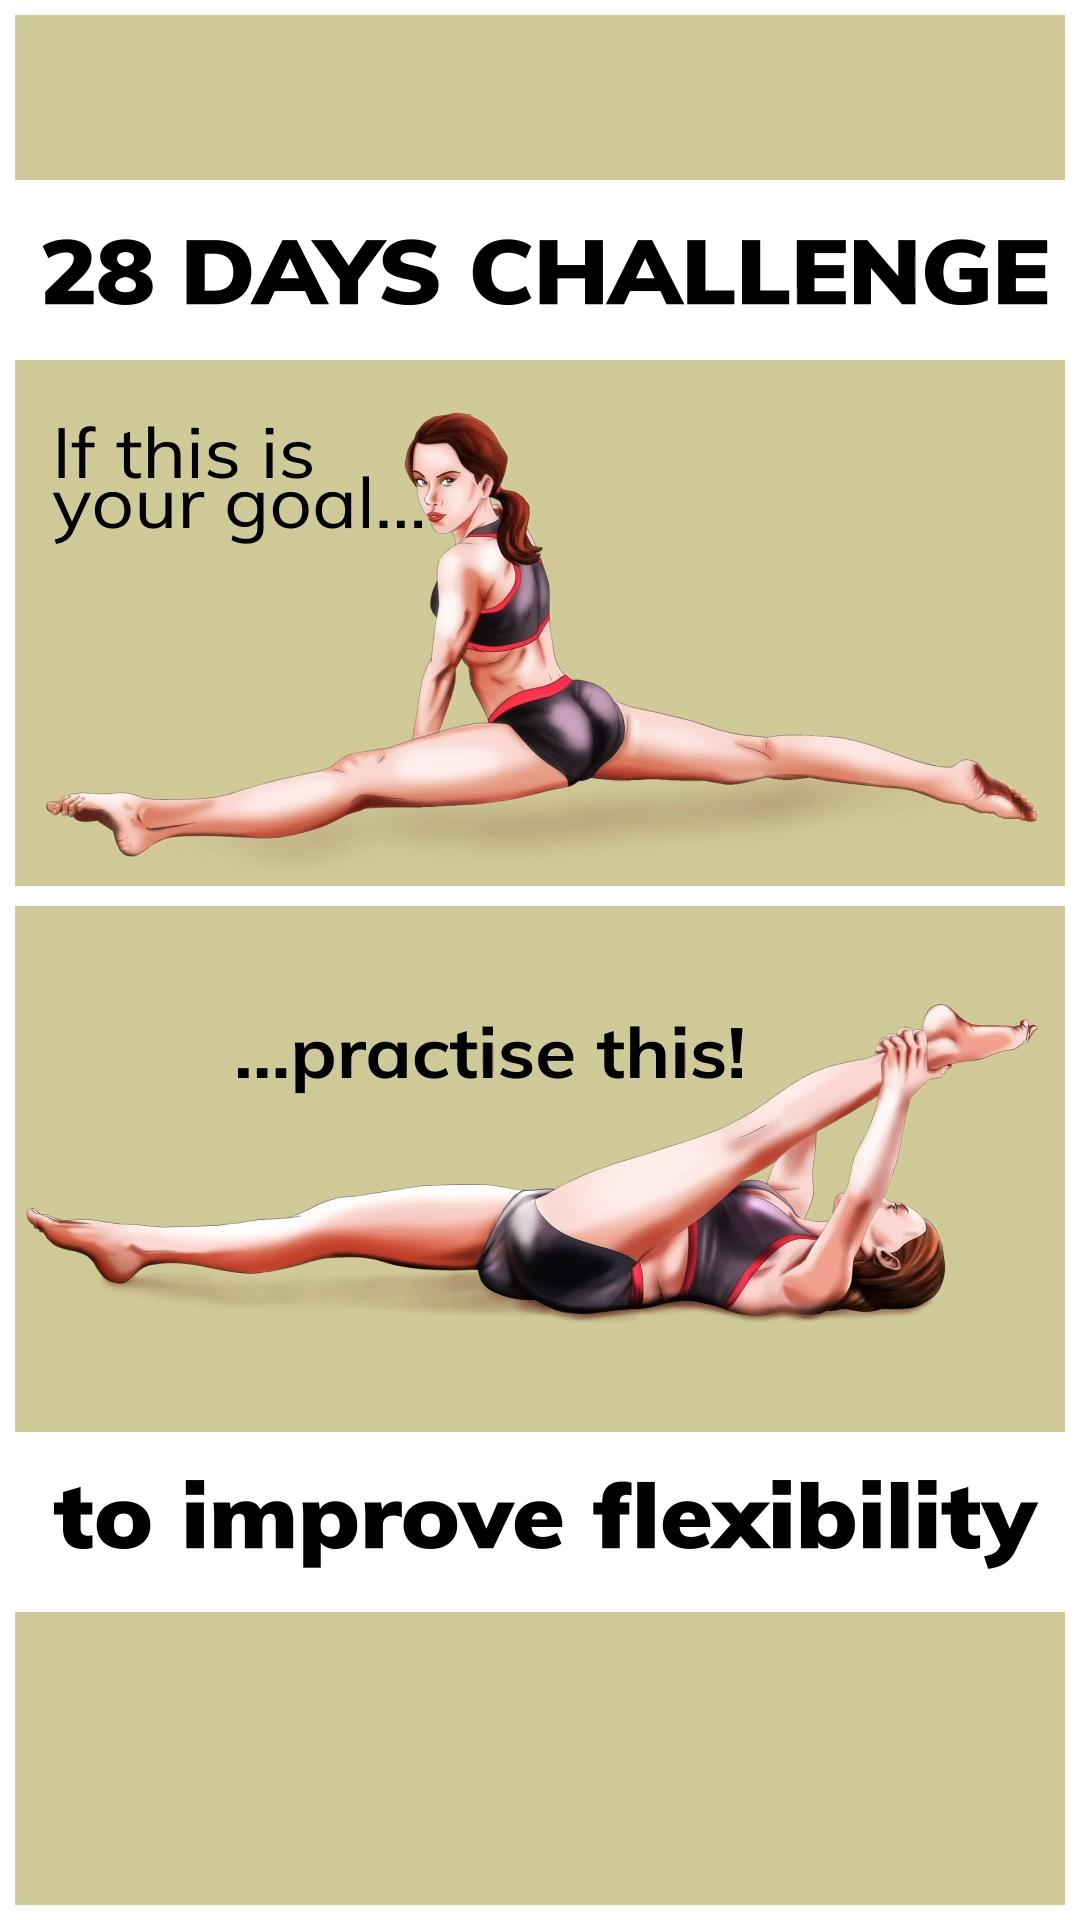 Machen Sie sich mit Yoga wieder fit und beginnen Sie jetzt Ihre Gesundheitsreise! -  Stress und schlechte Ernährung wirken sich auf Ihr Selbst- und die Welt um Sie herum aus. Es passi - #abnehmworkoutfürzuhause #bauchtrainingfitness #beginnen #FIT #fitnessbauchbeinepo #gesundheitsreise #homefitnessstudio #Ihre #jetzt #machen #mit #sich #Sie #und #wieder #Yoga